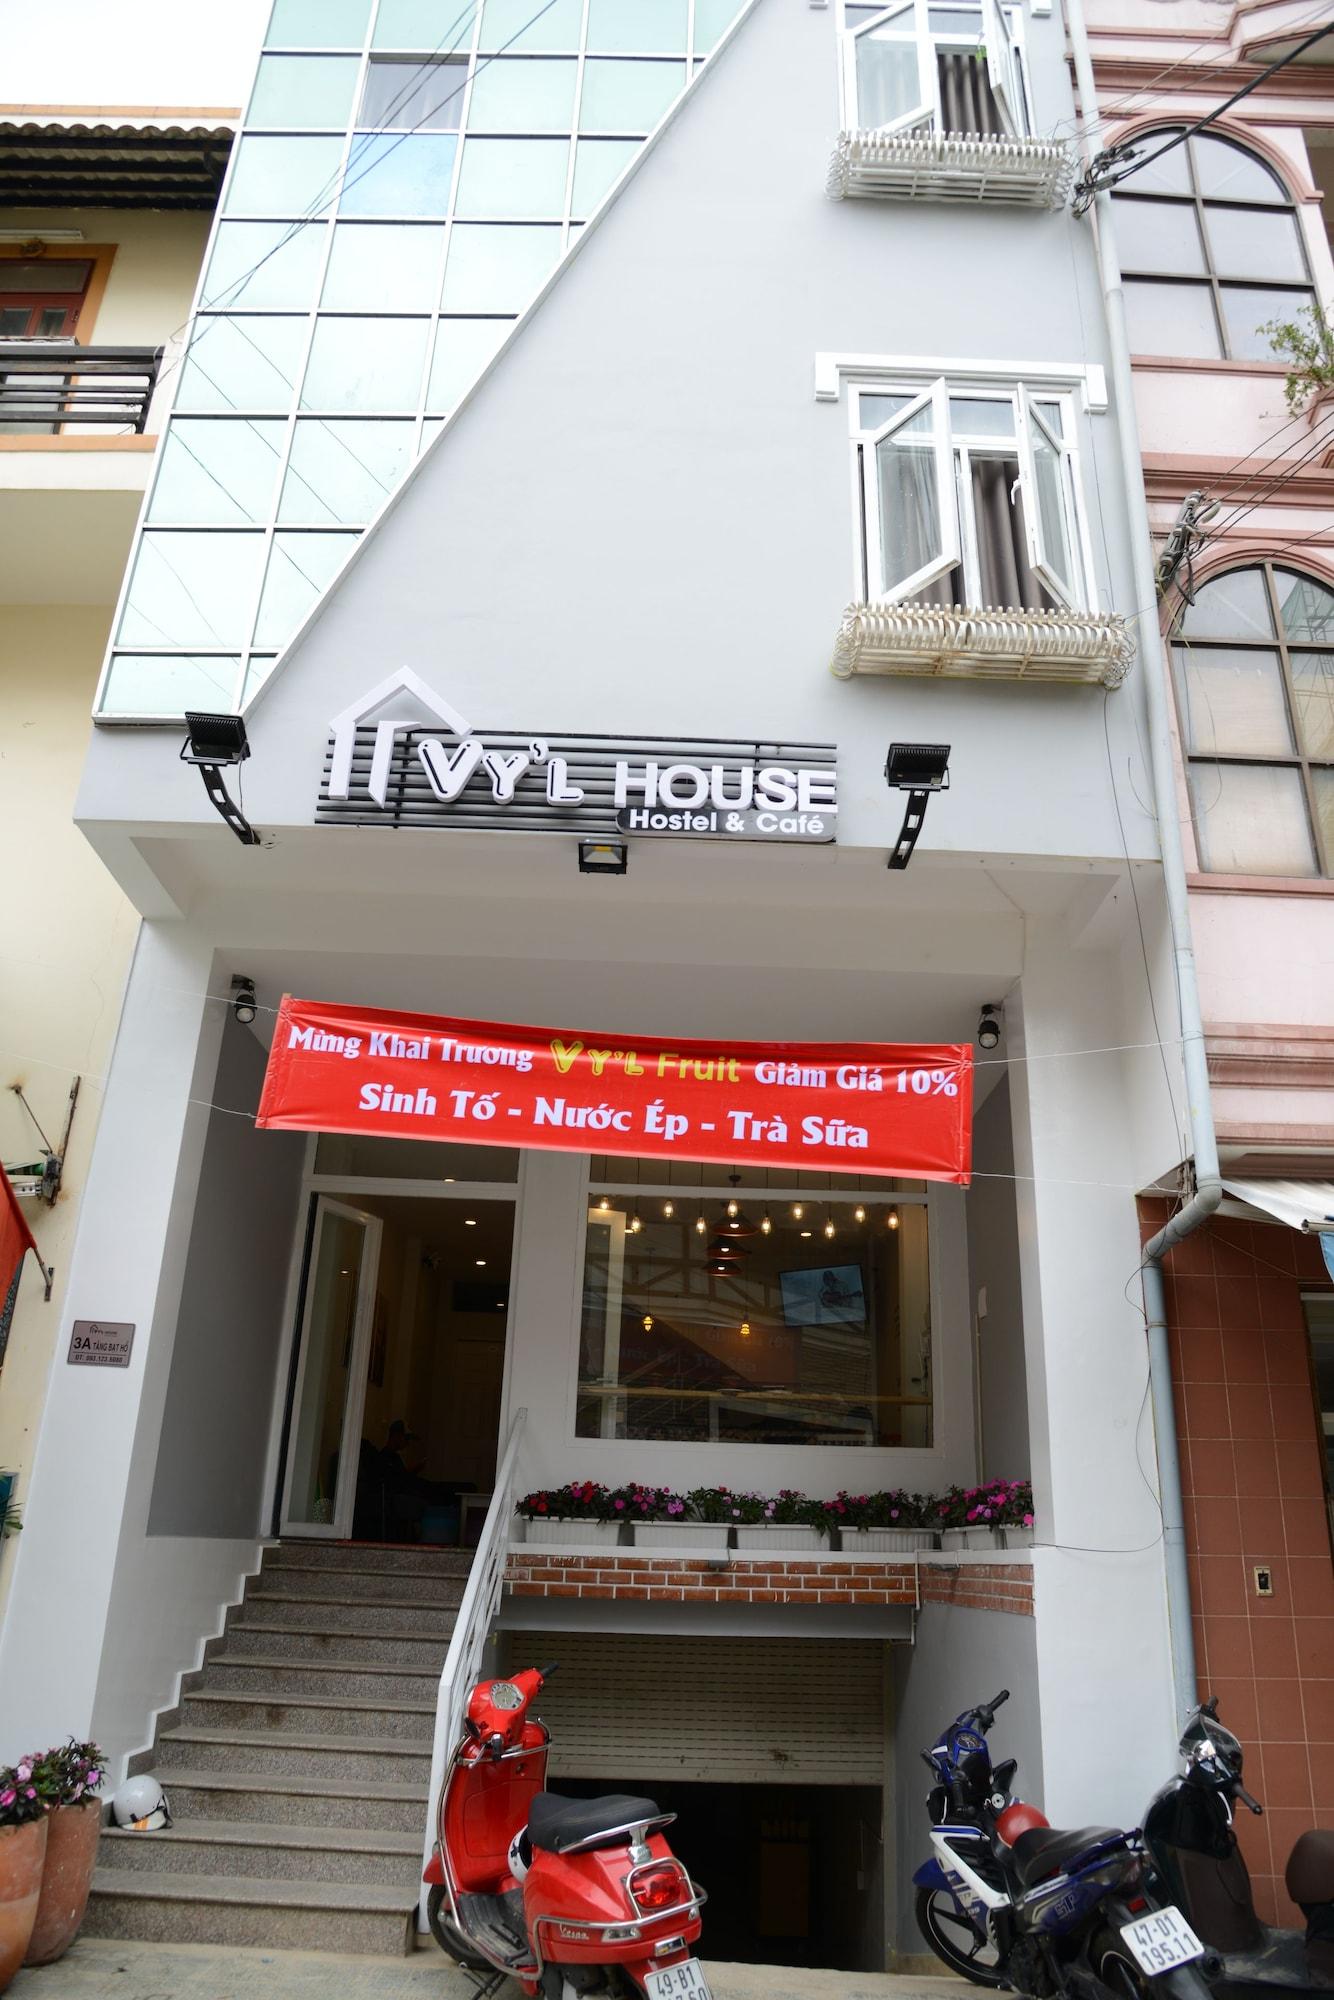 VyL House, Đà Lạt